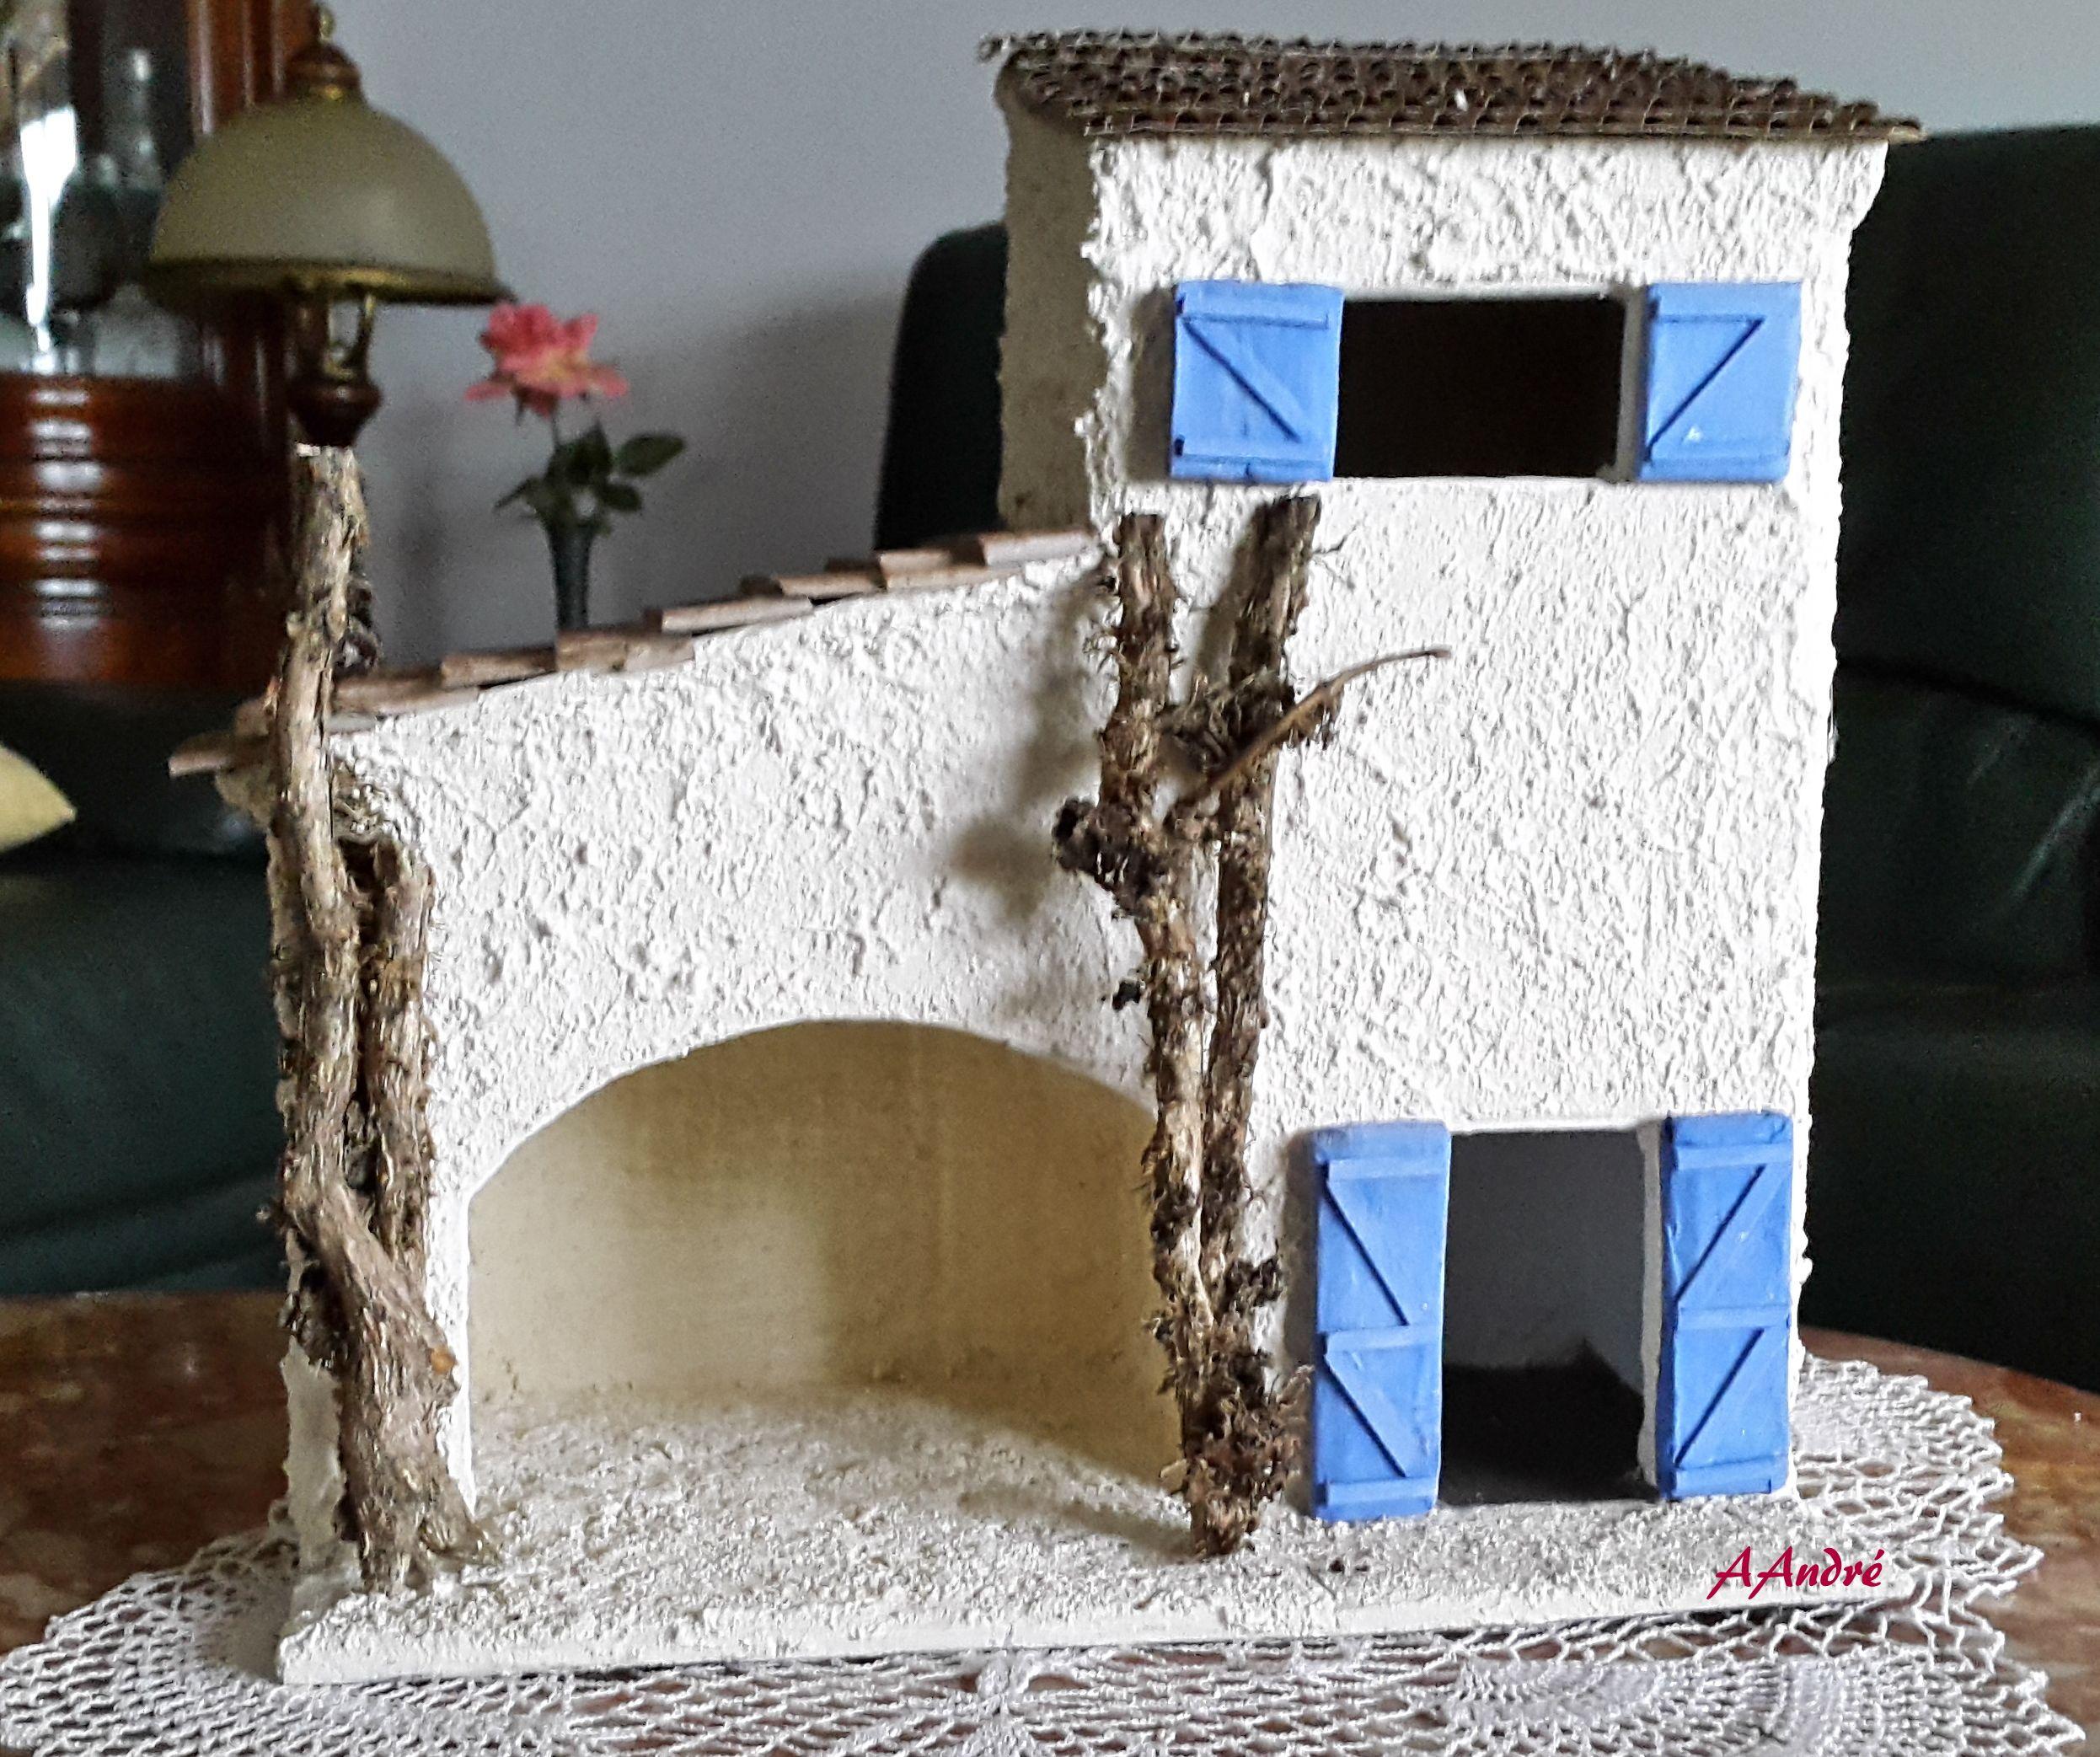 maison de village pour la cr che de no l cartonnage carton ondule pinterest noel and. Black Bedroom Furniture Sets. Home Design Ideas